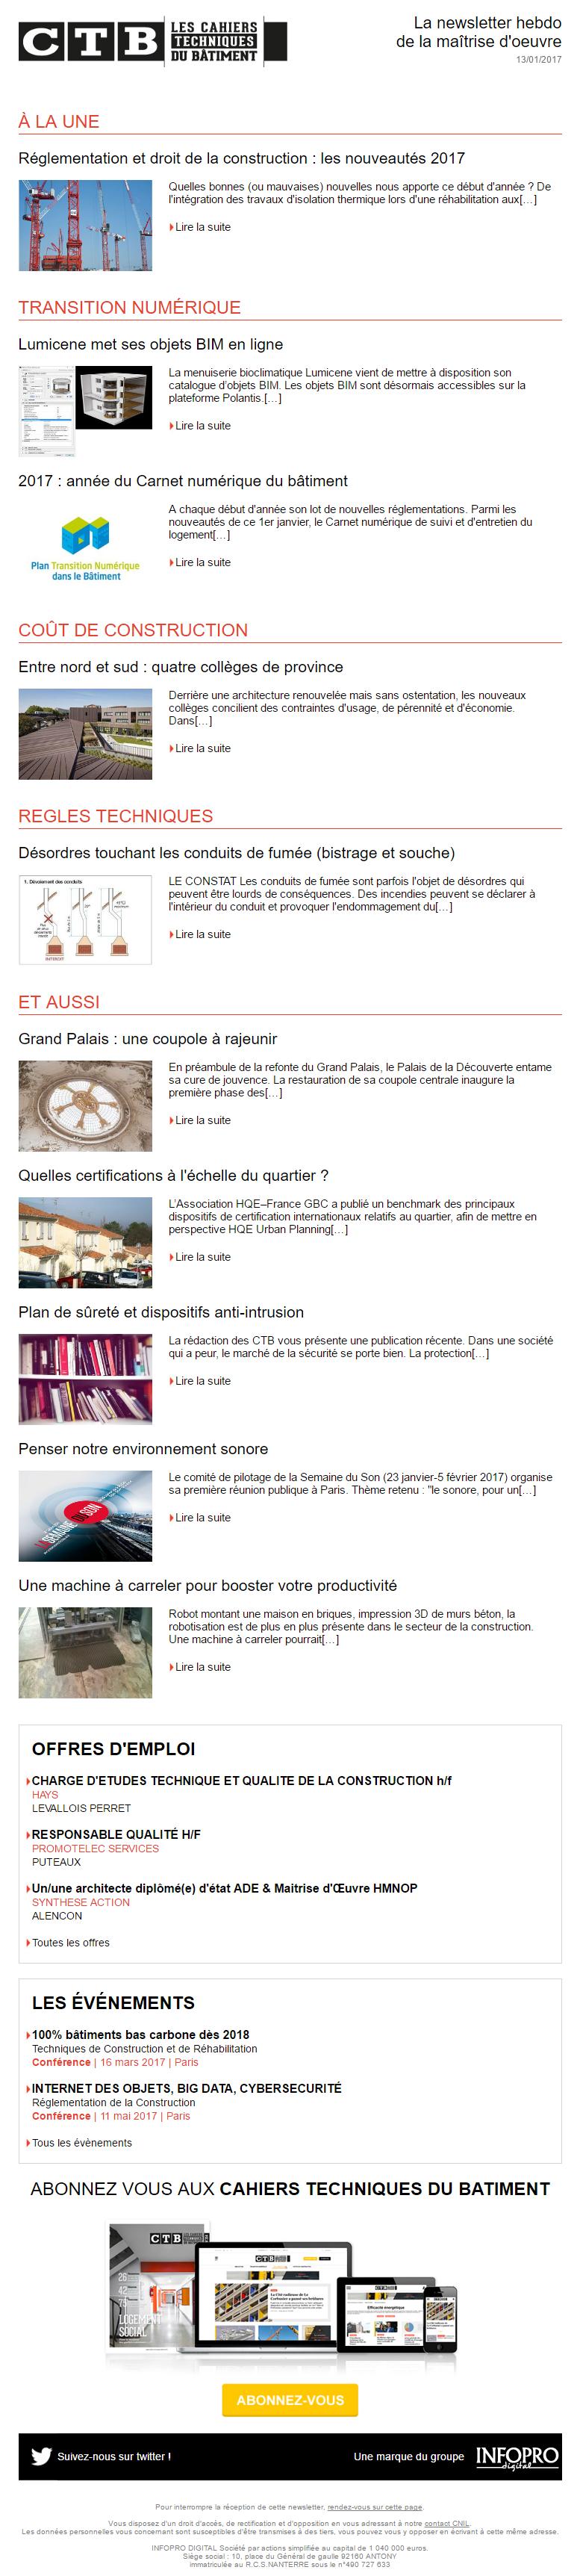 le magazine les cahiers techniques du b timent lance sa newsletter nouveaut s sites applis. Black Bedroom Furniture Sets. Home Design Ideas